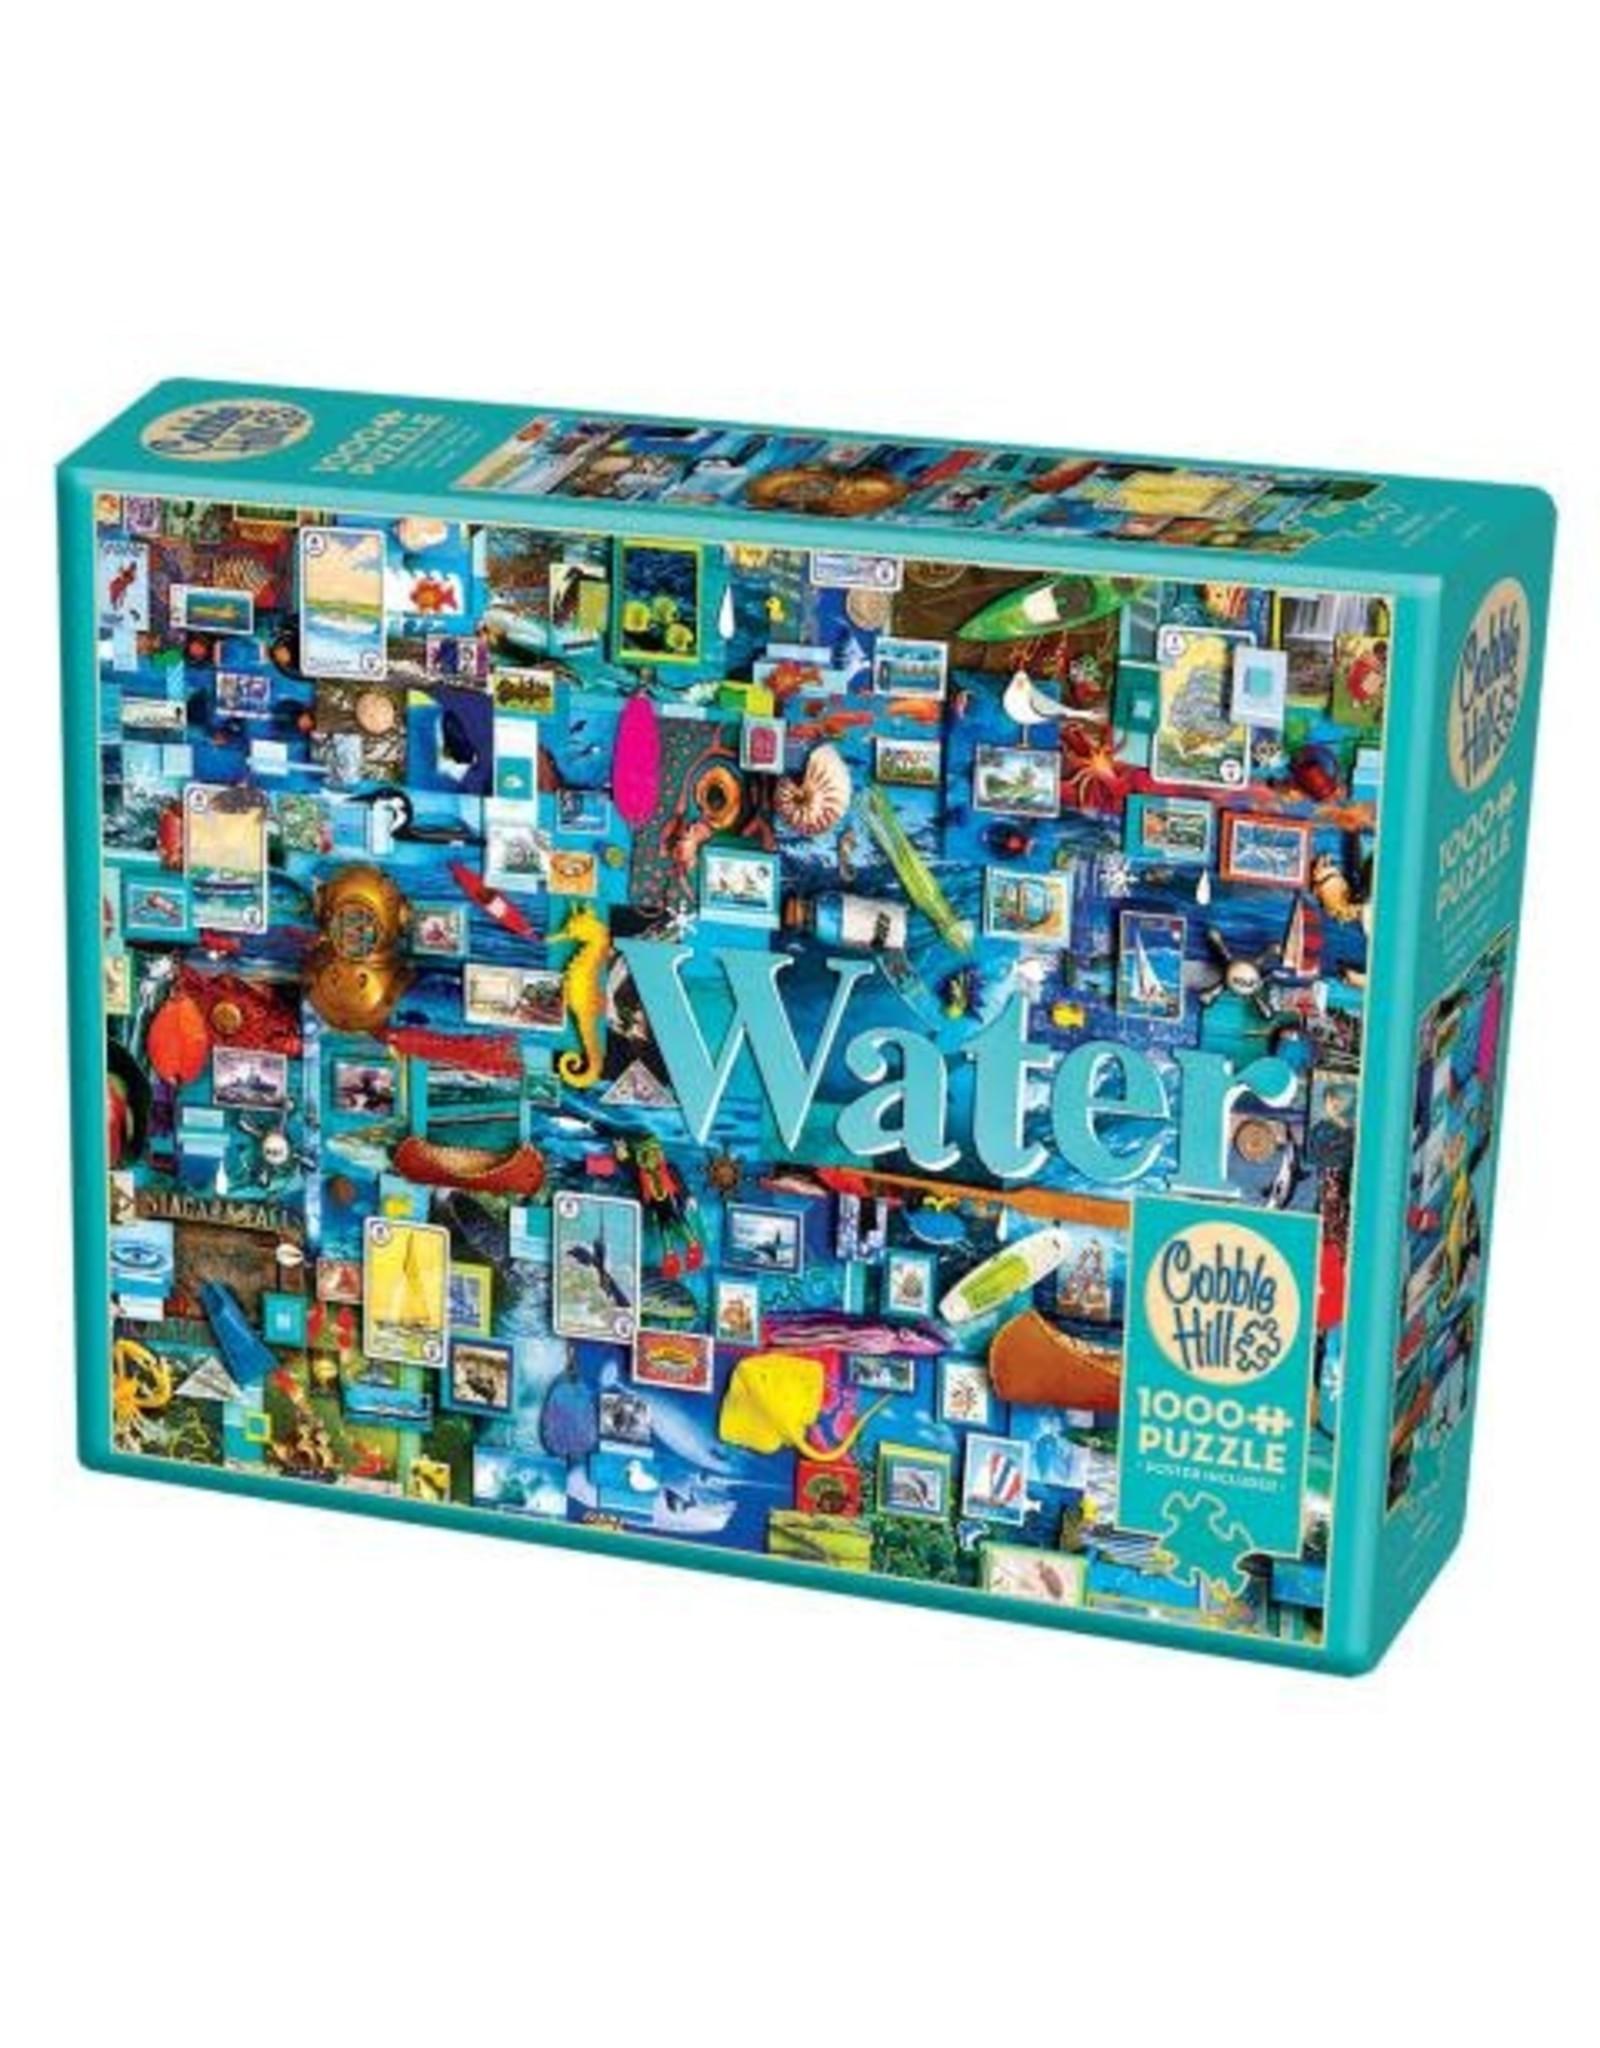 Cobble Hill 1000 pcs. Water Puzzle